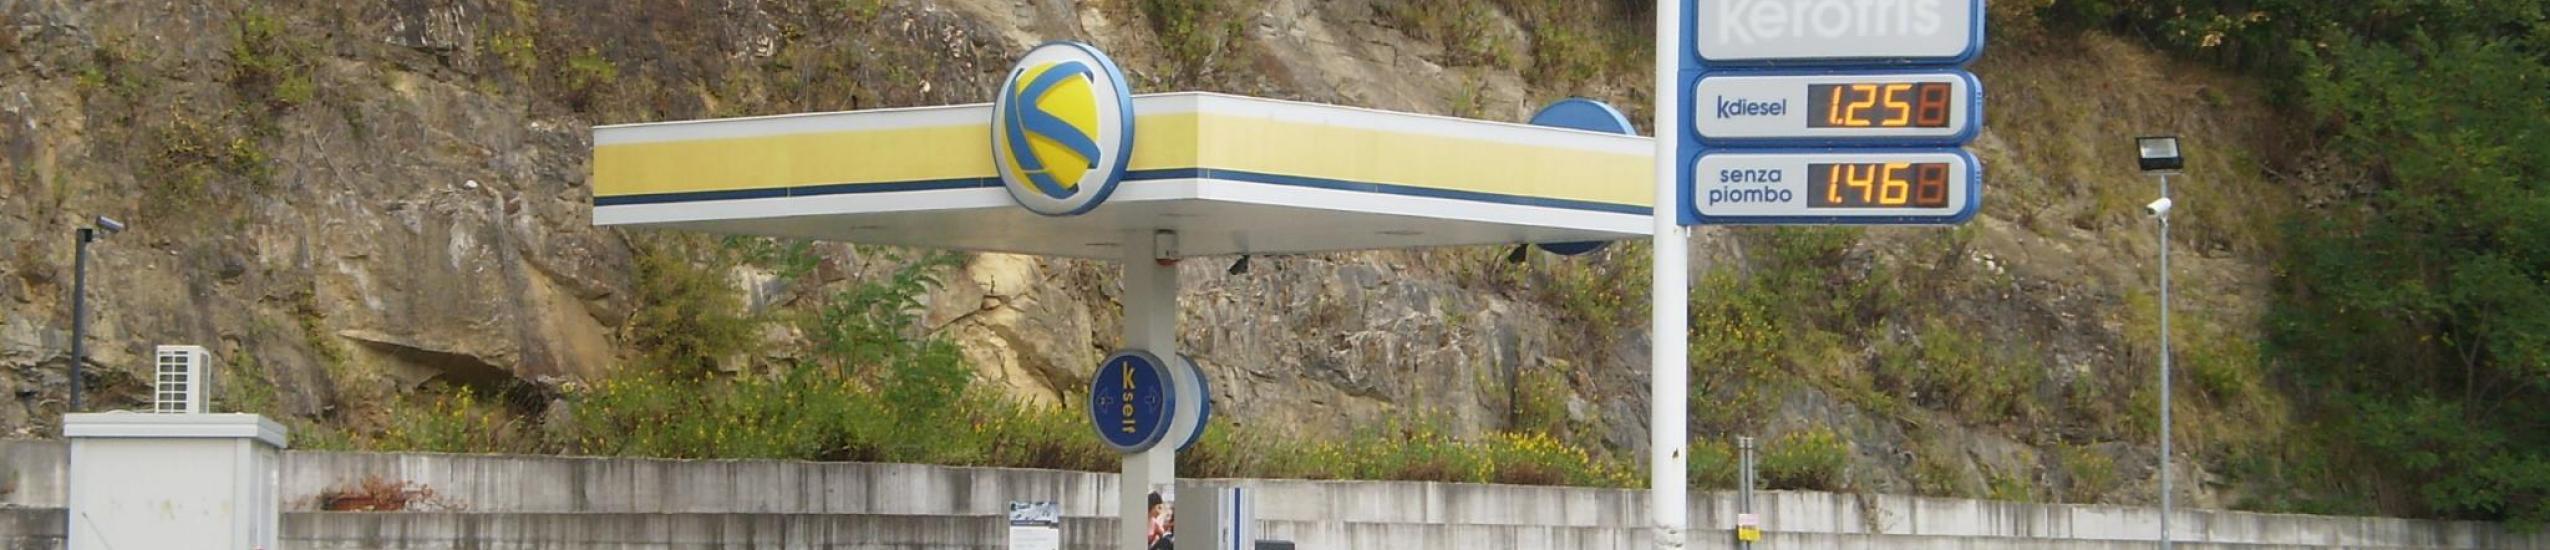 La pompa di benzina